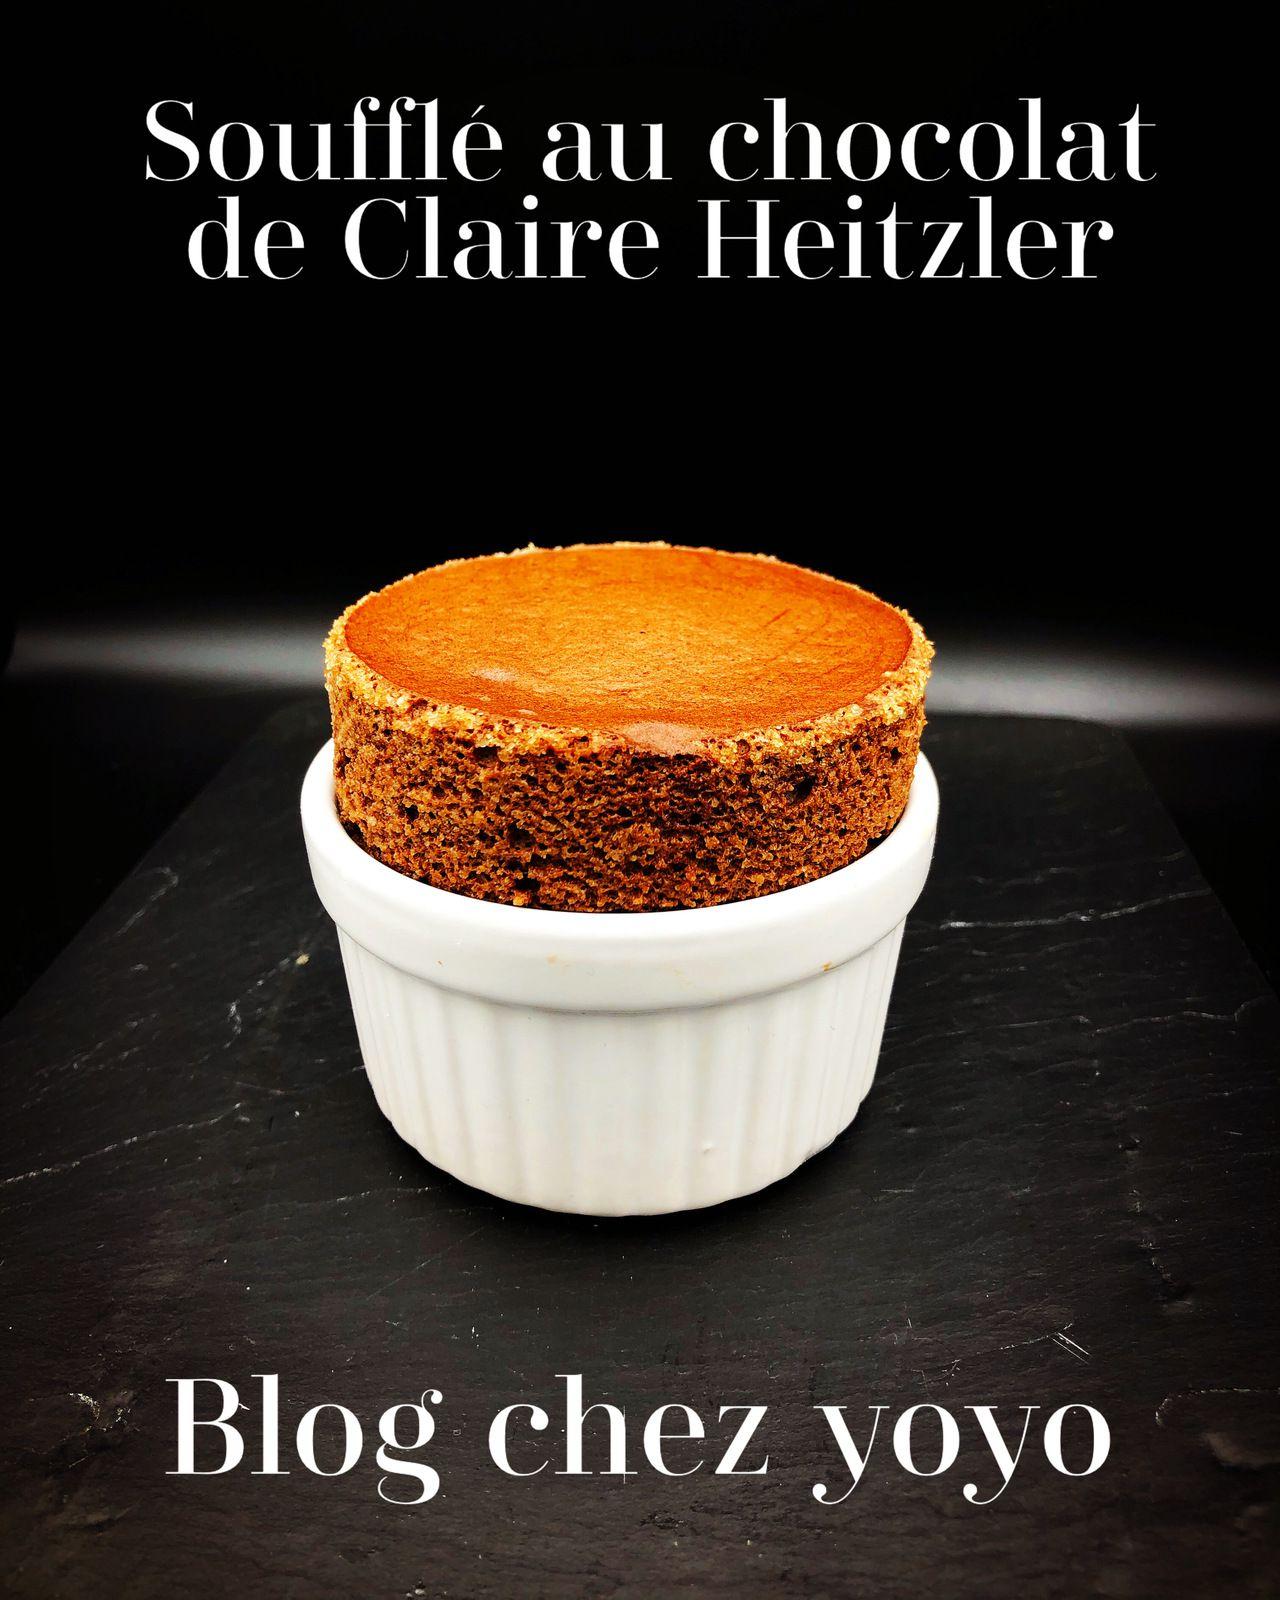 Soufflés au chocolat de Claire Heitzler